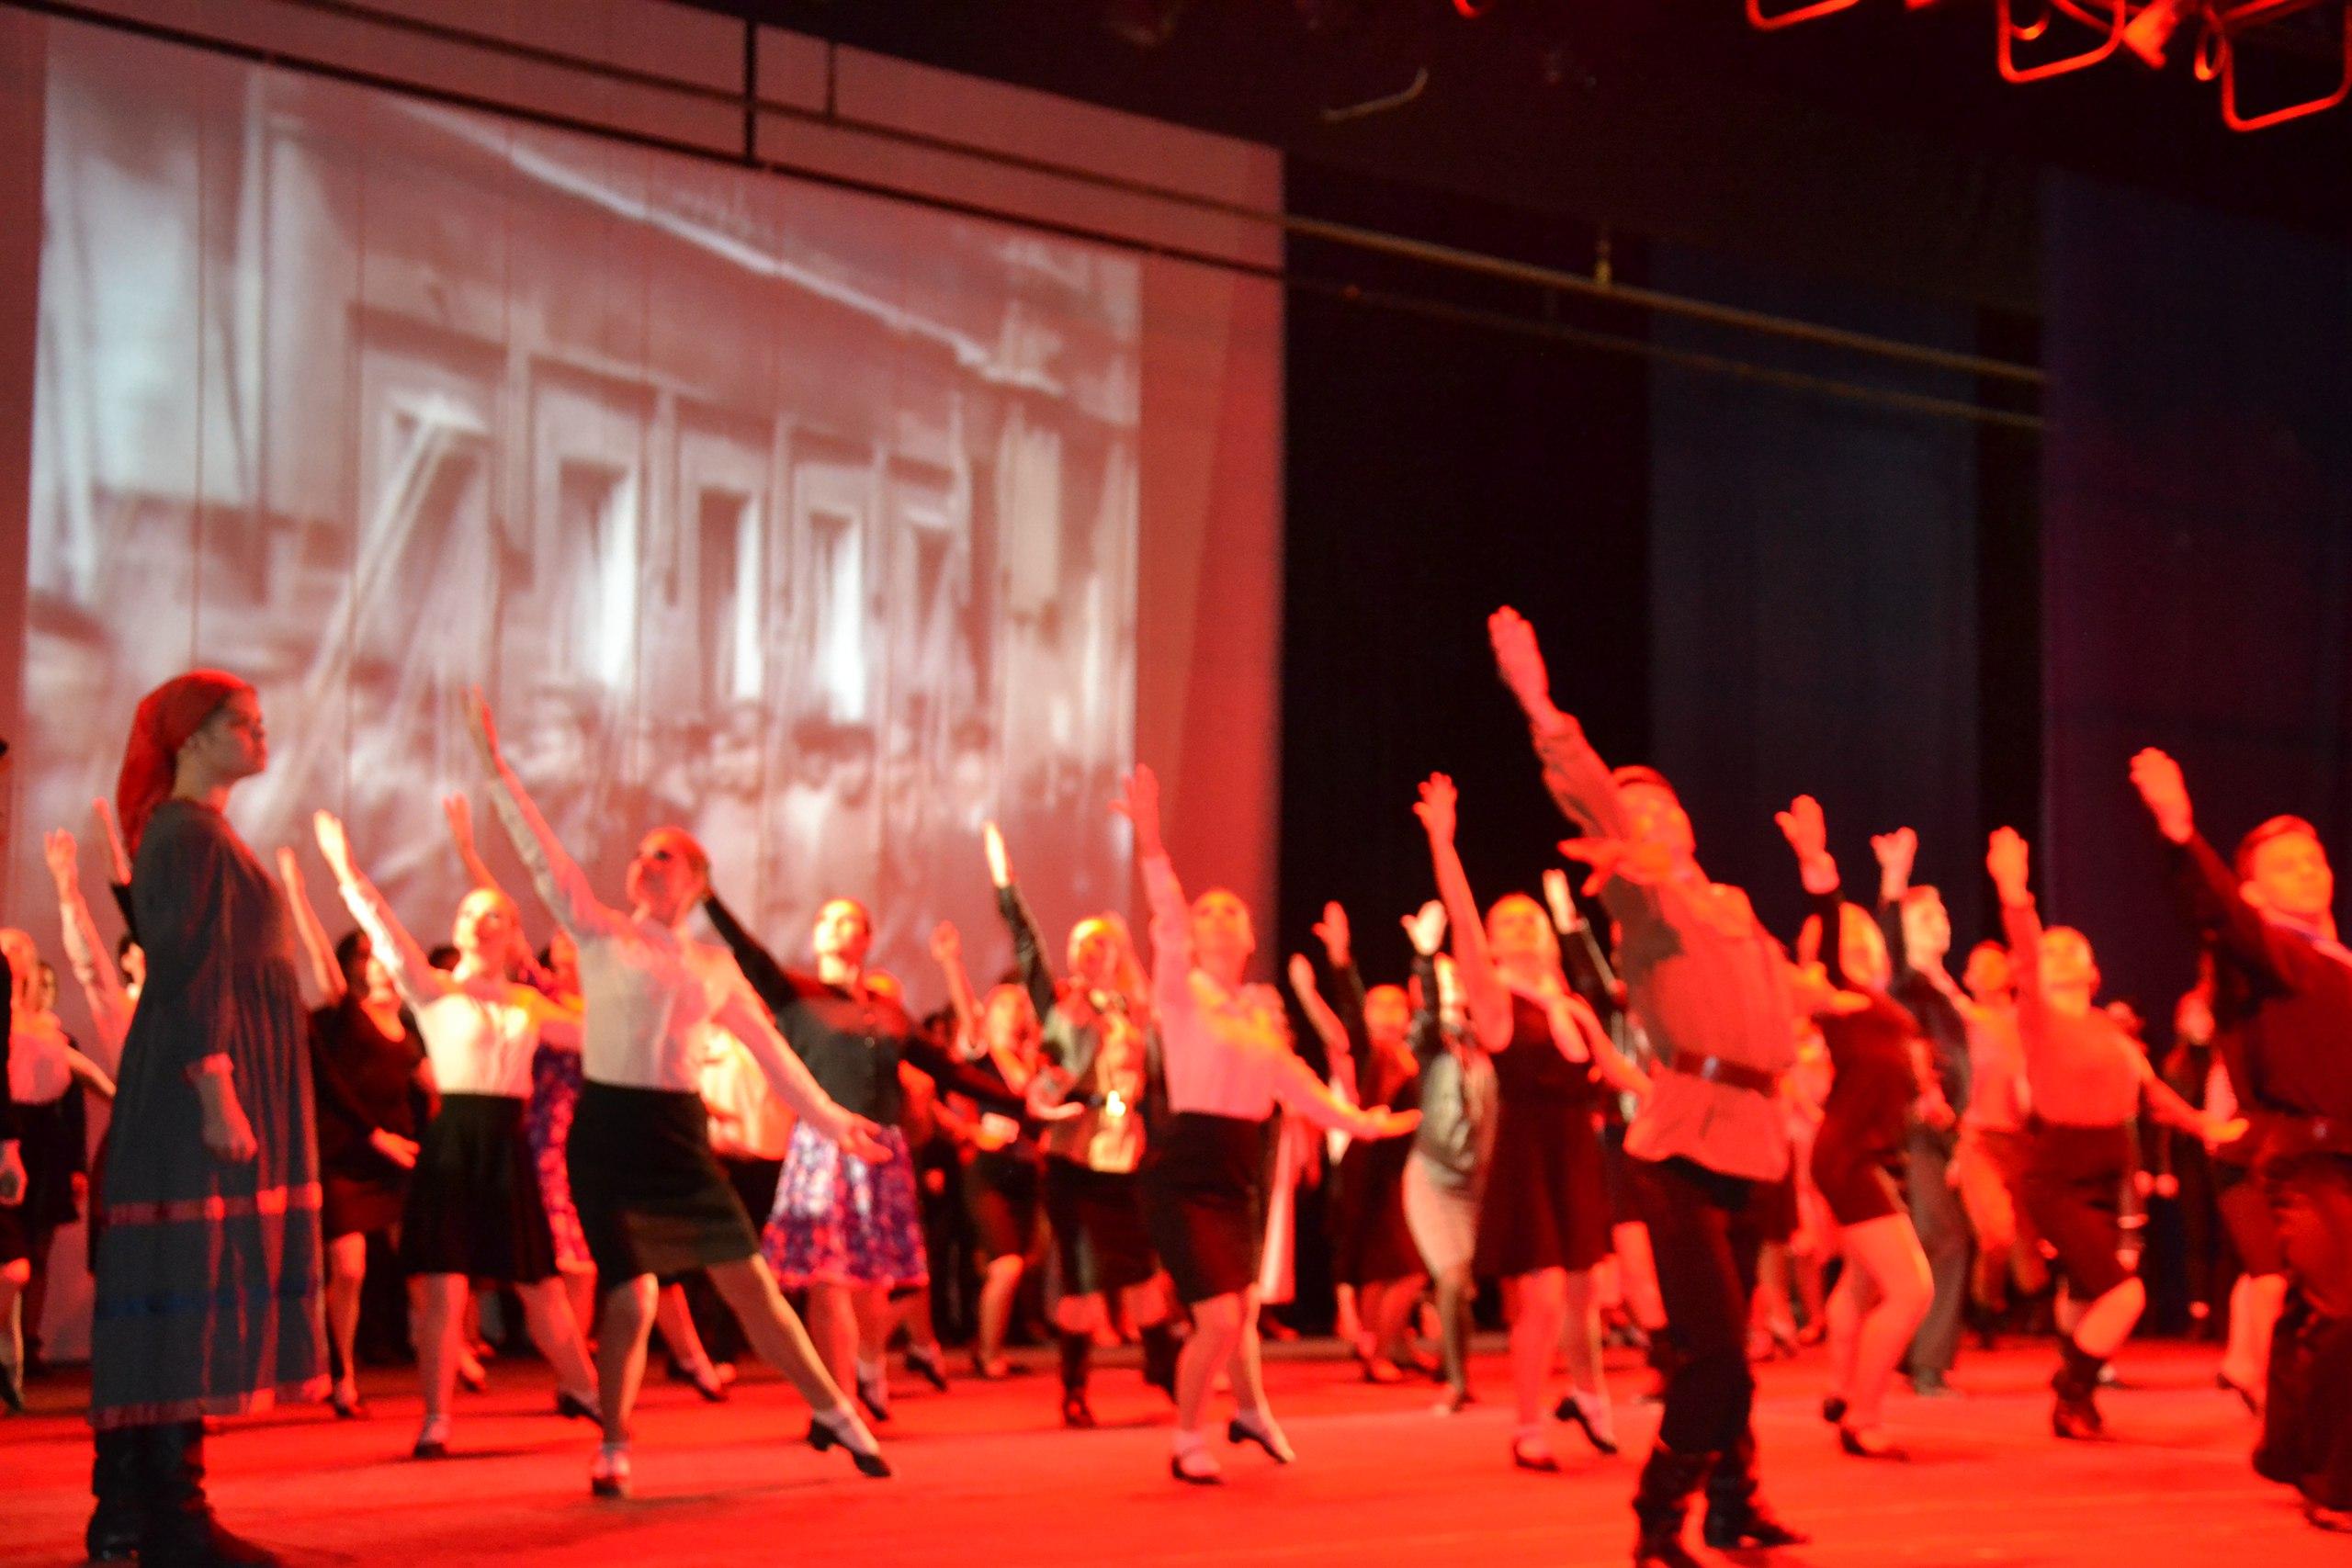 В Драмтеатре прошел концерт в честь 100-летия Октябрьской революции